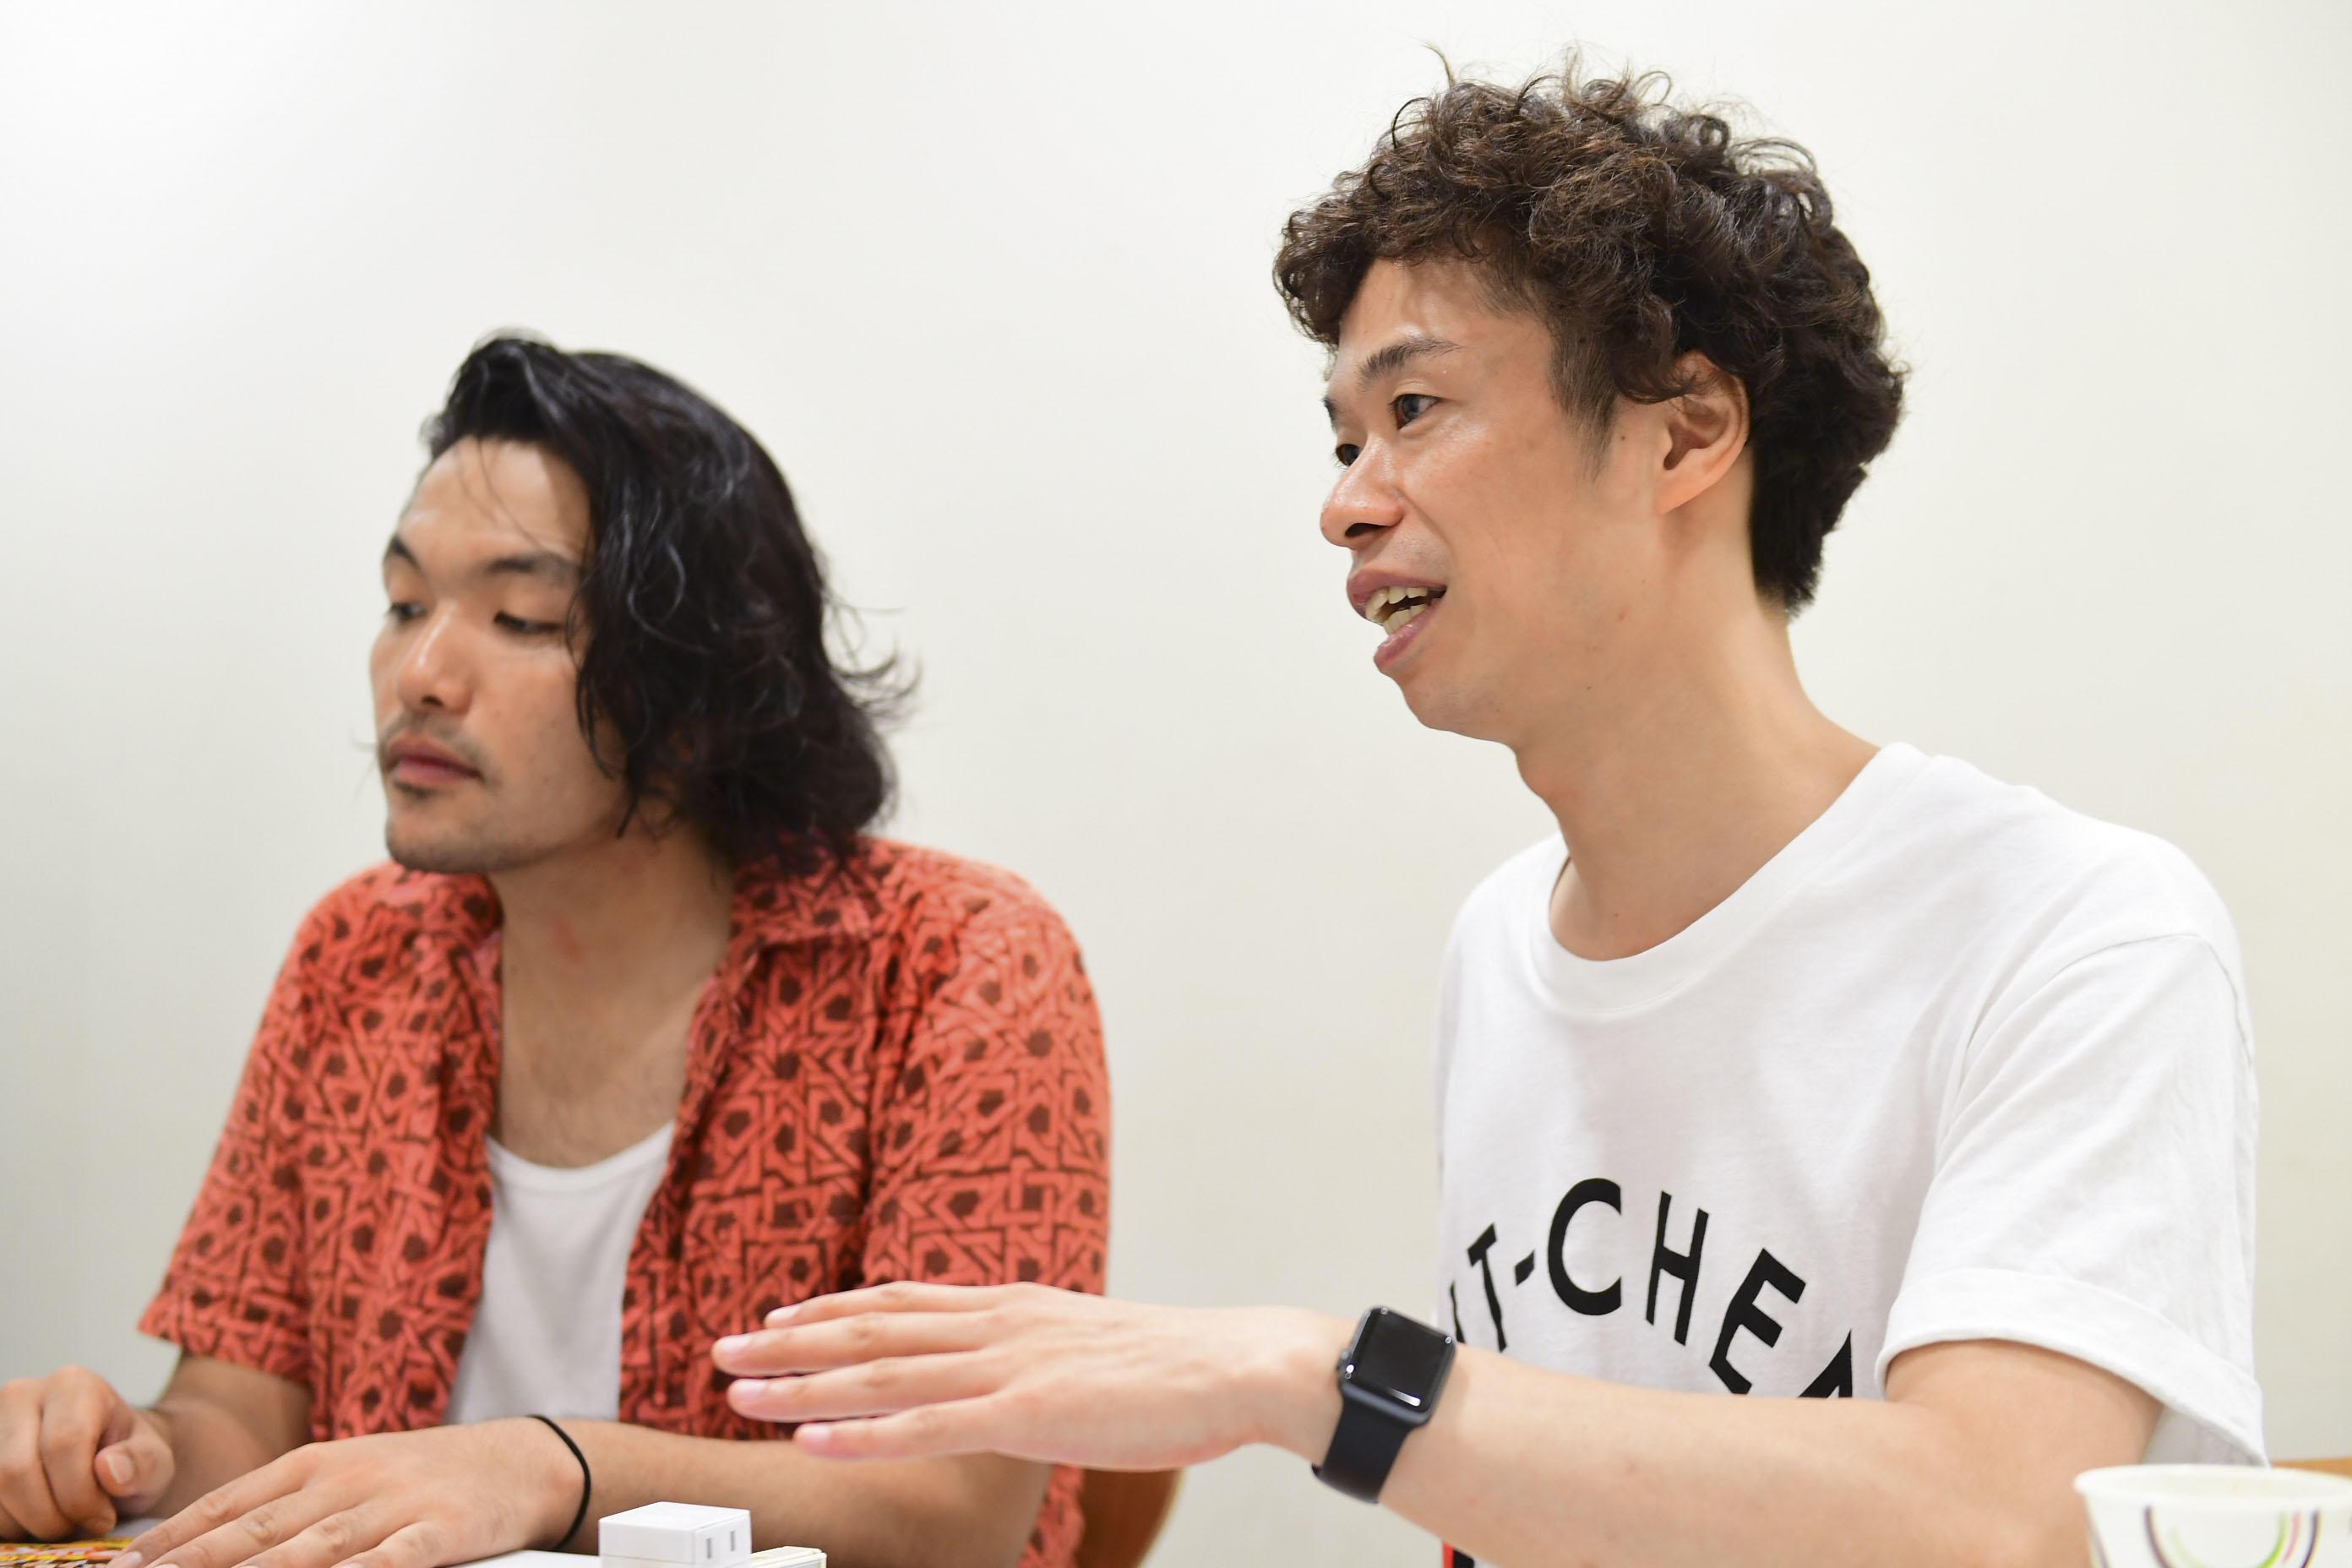 http://news.yoshimoto.co.jp/20170805095841-05512aad62ea0bfd838154971aaf17889533101f.jpg